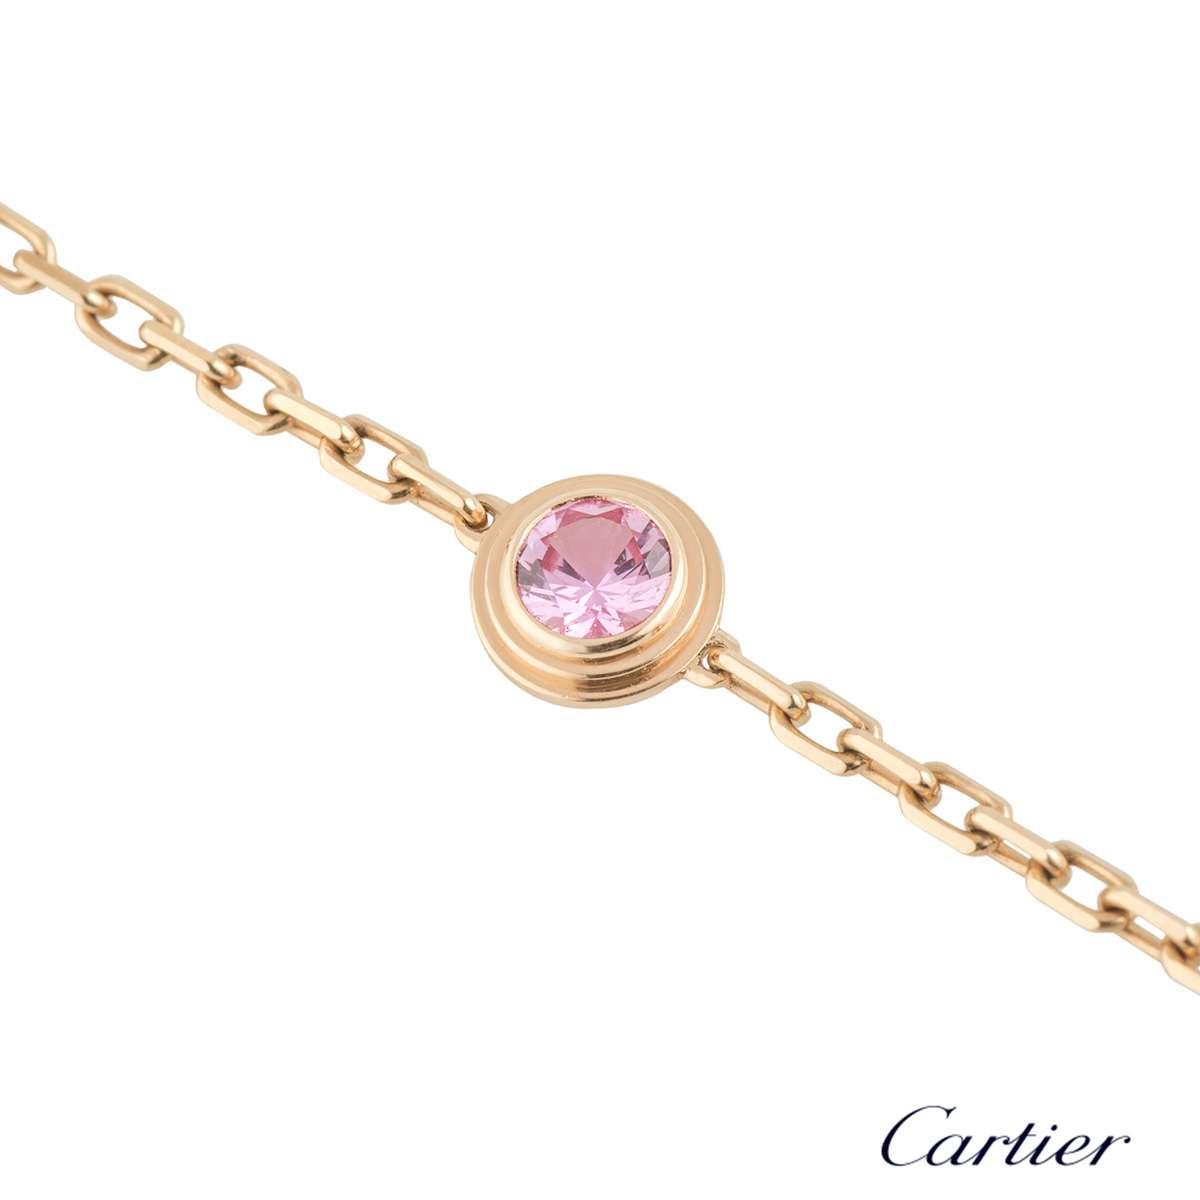 Cartier Dimants Legers Bracelet